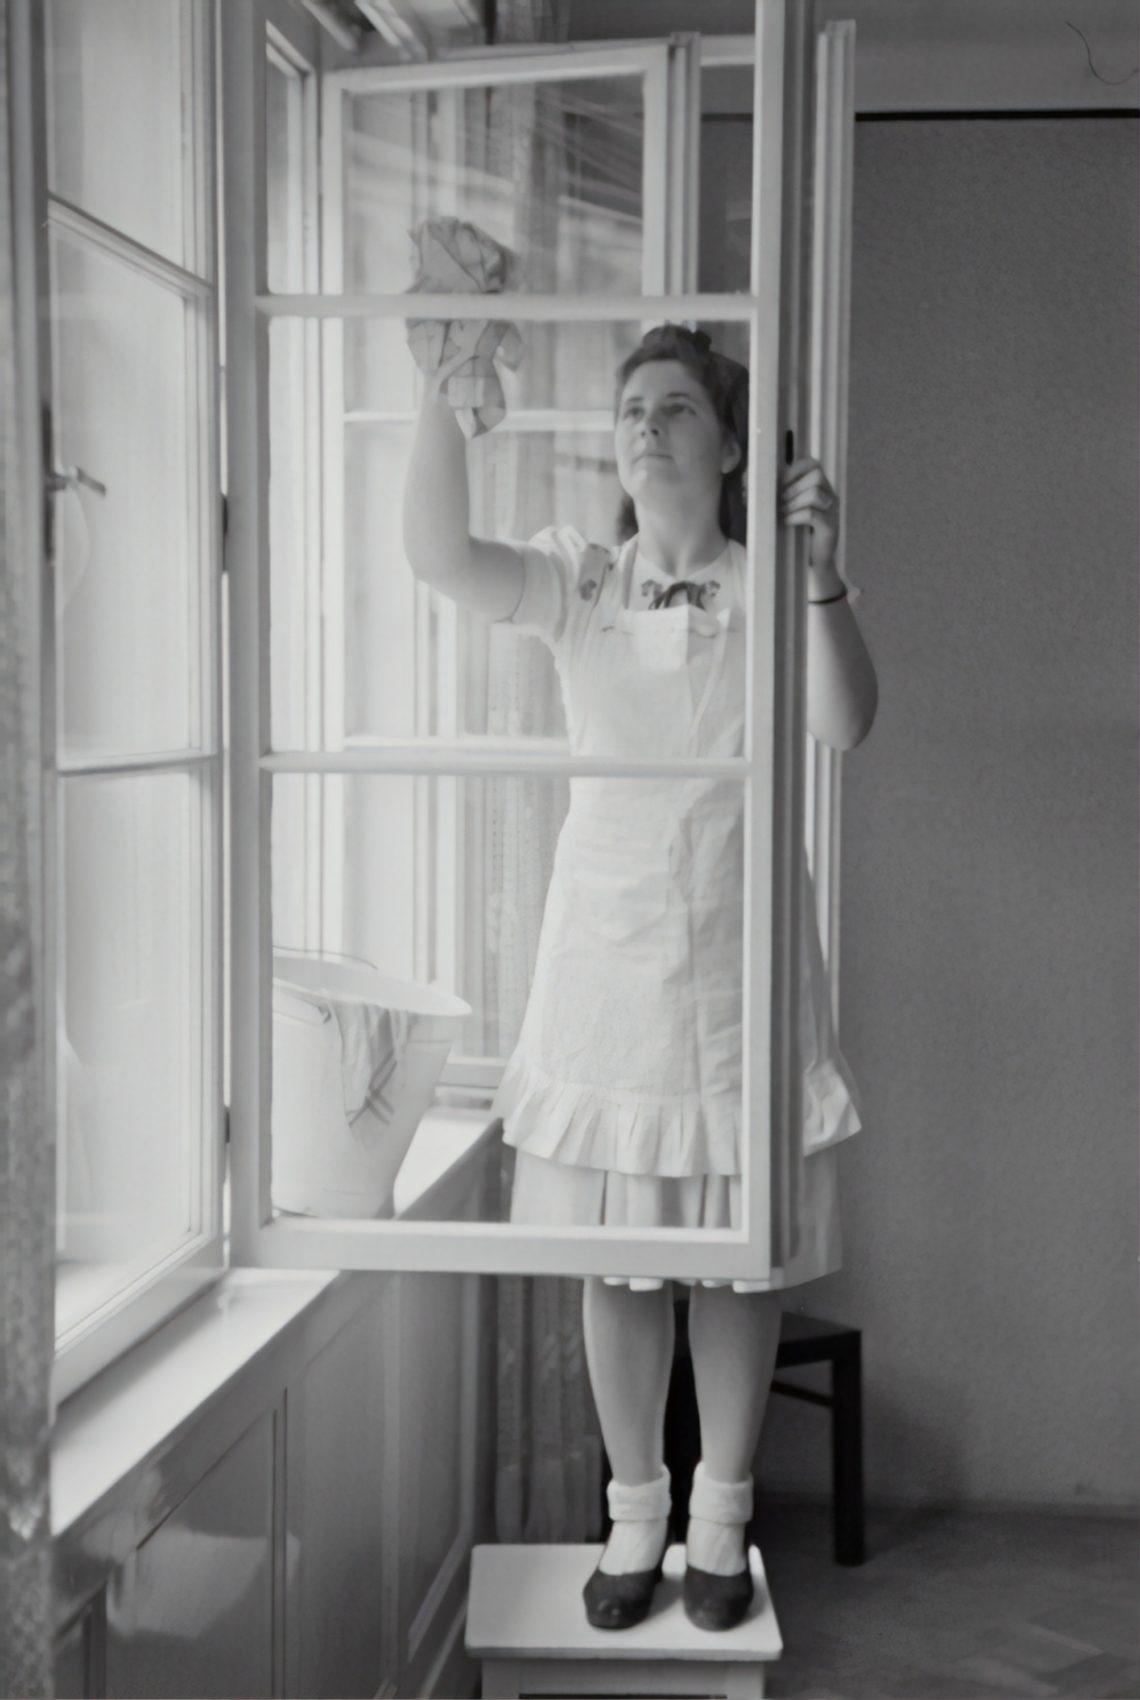 Fräulein putzt auf einem Hocker stehende Fenster.